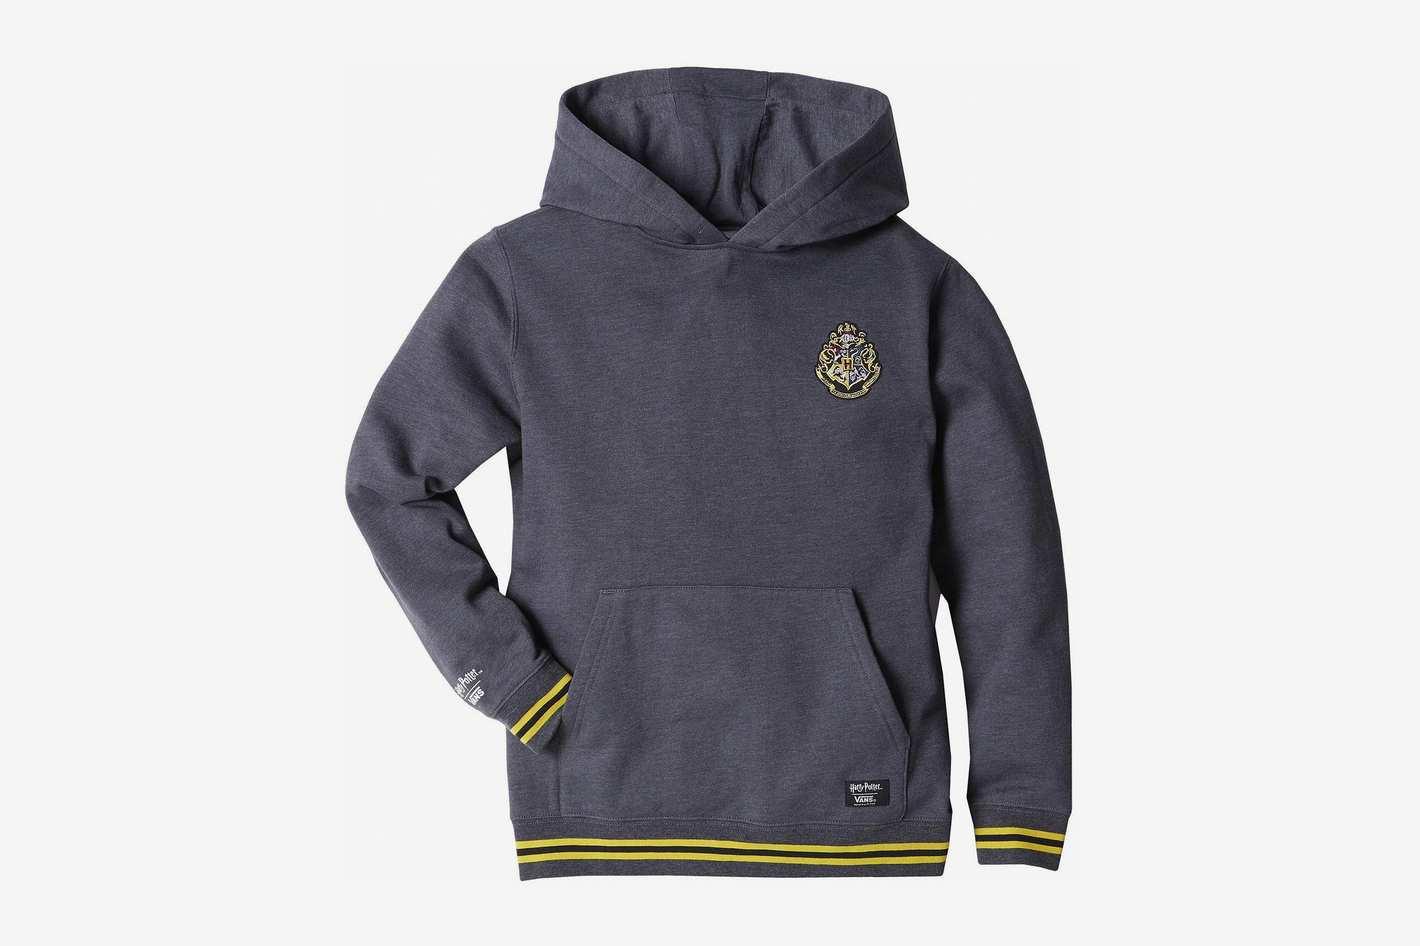 Vans X Harry Potter Hogwarts Pullover Fleece (Big Kids)